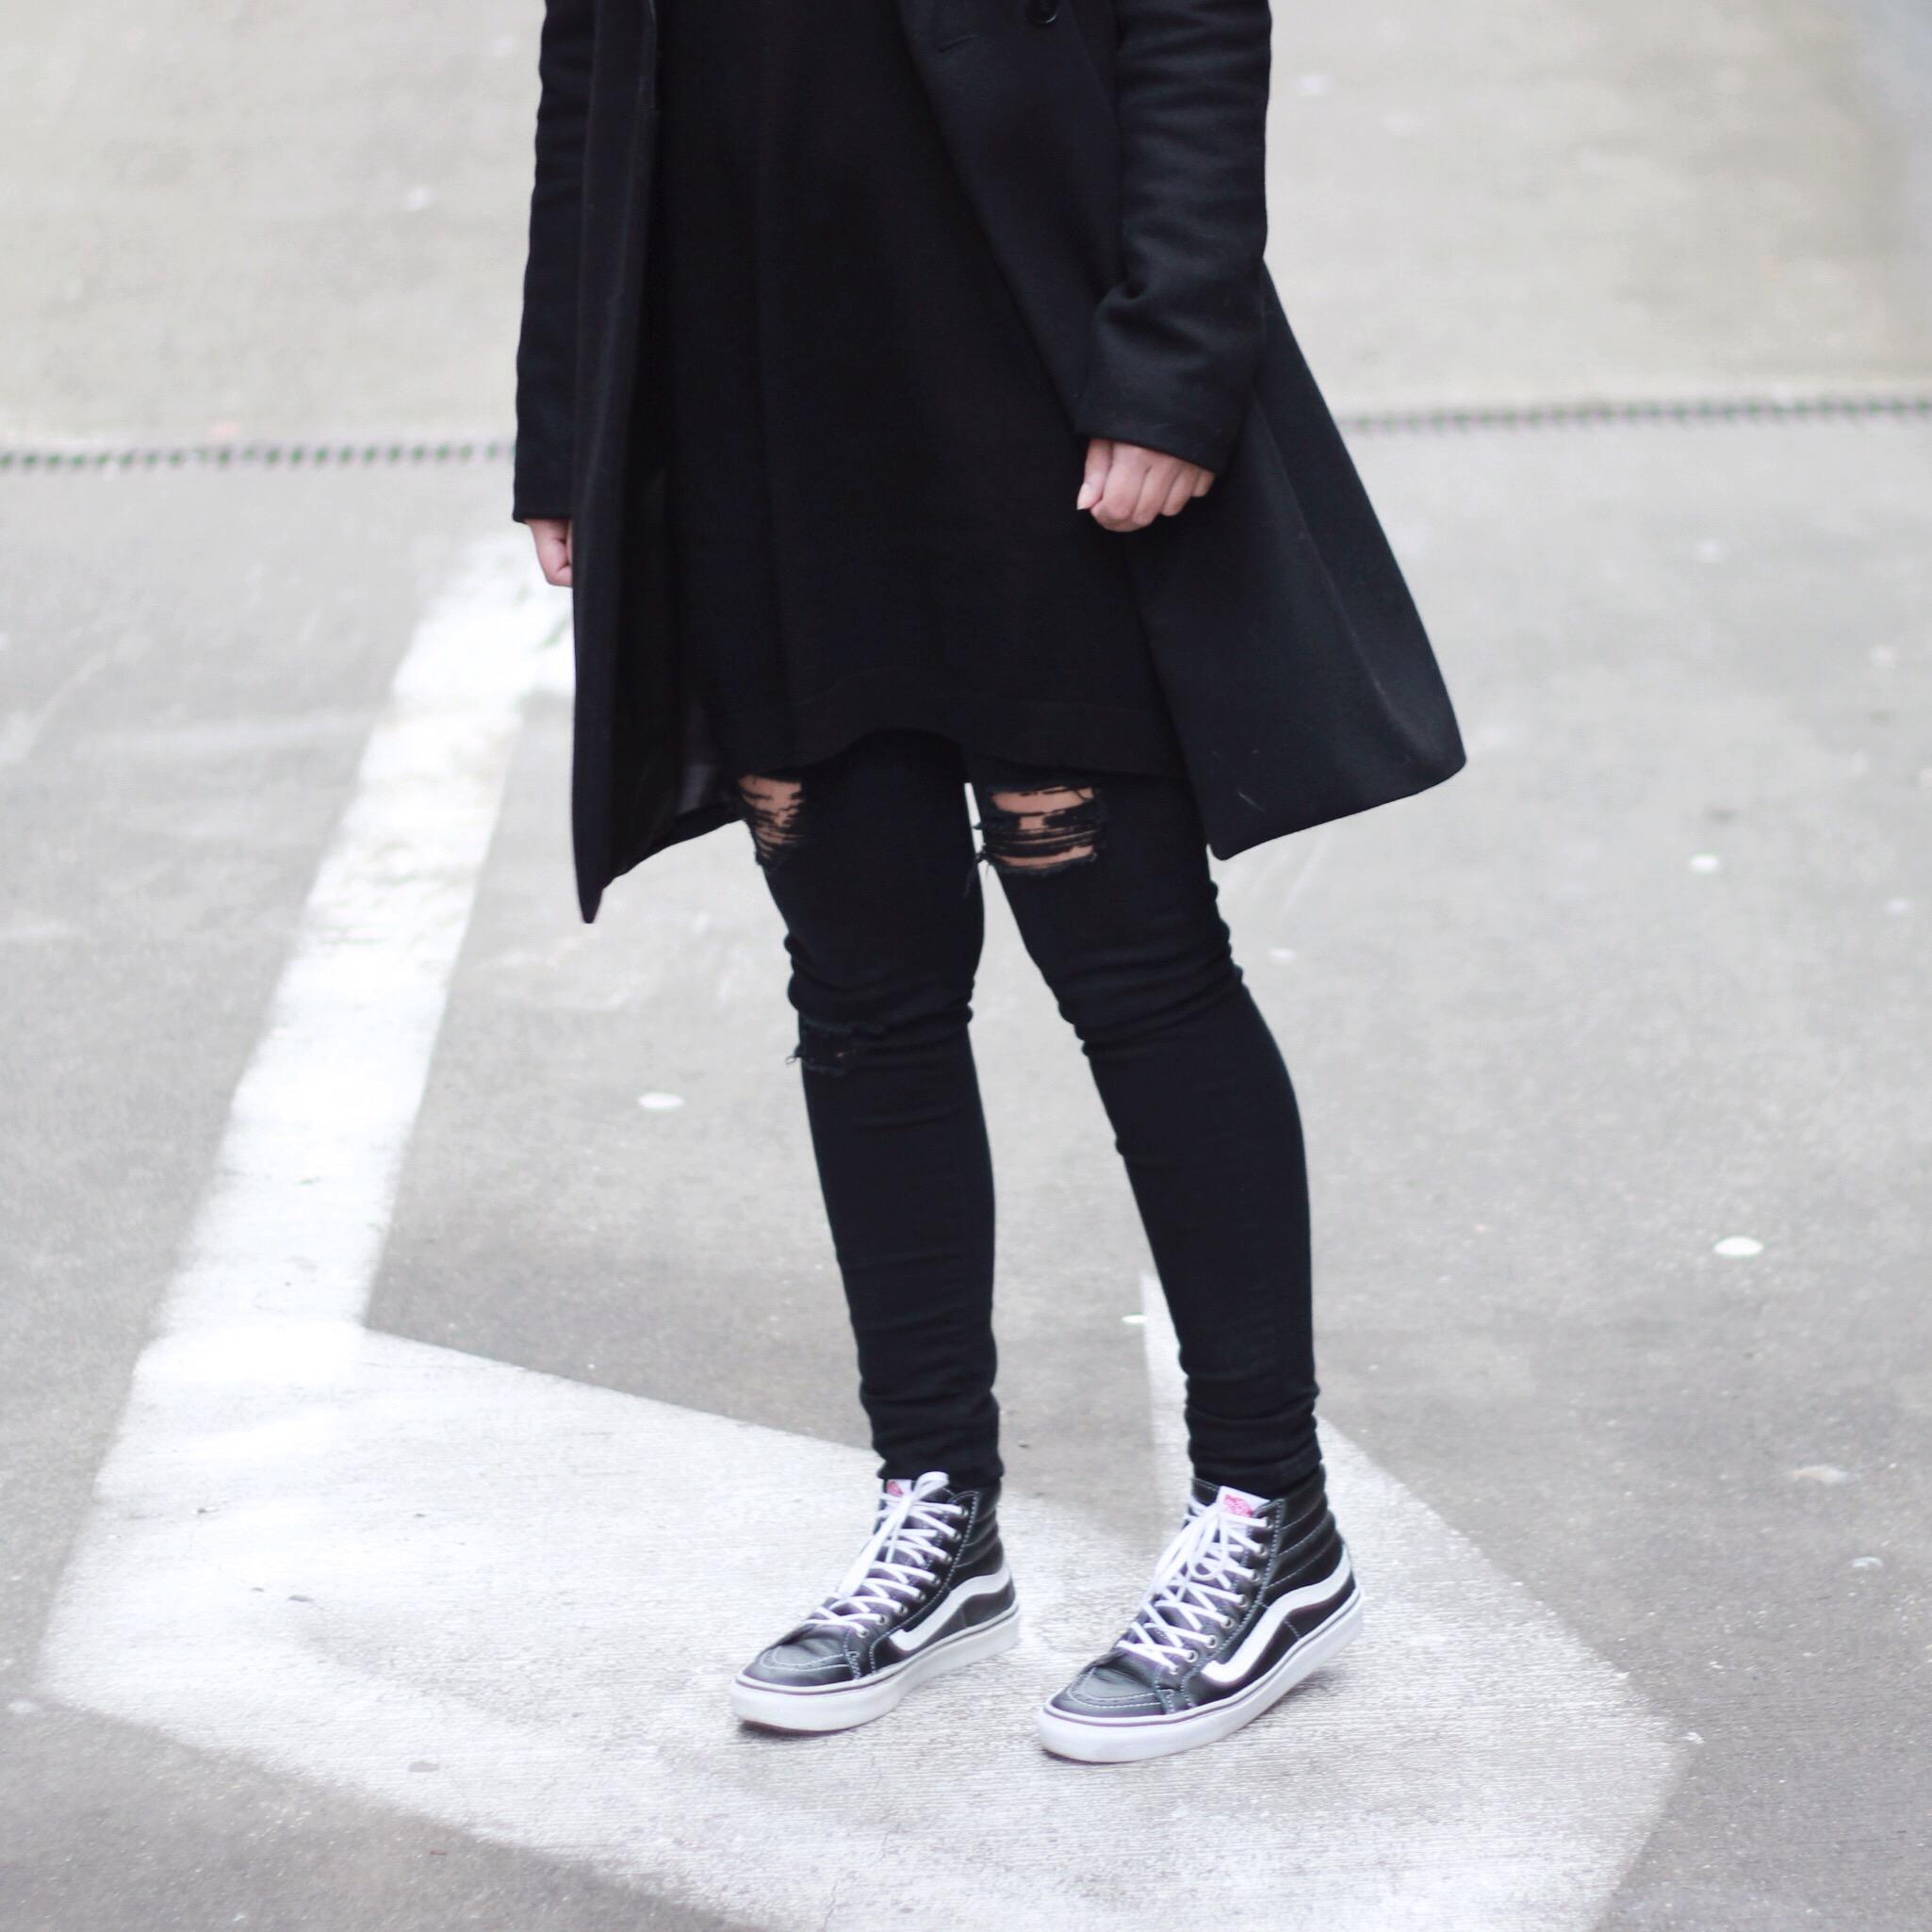 Vans sk8 hi sneakers outfit